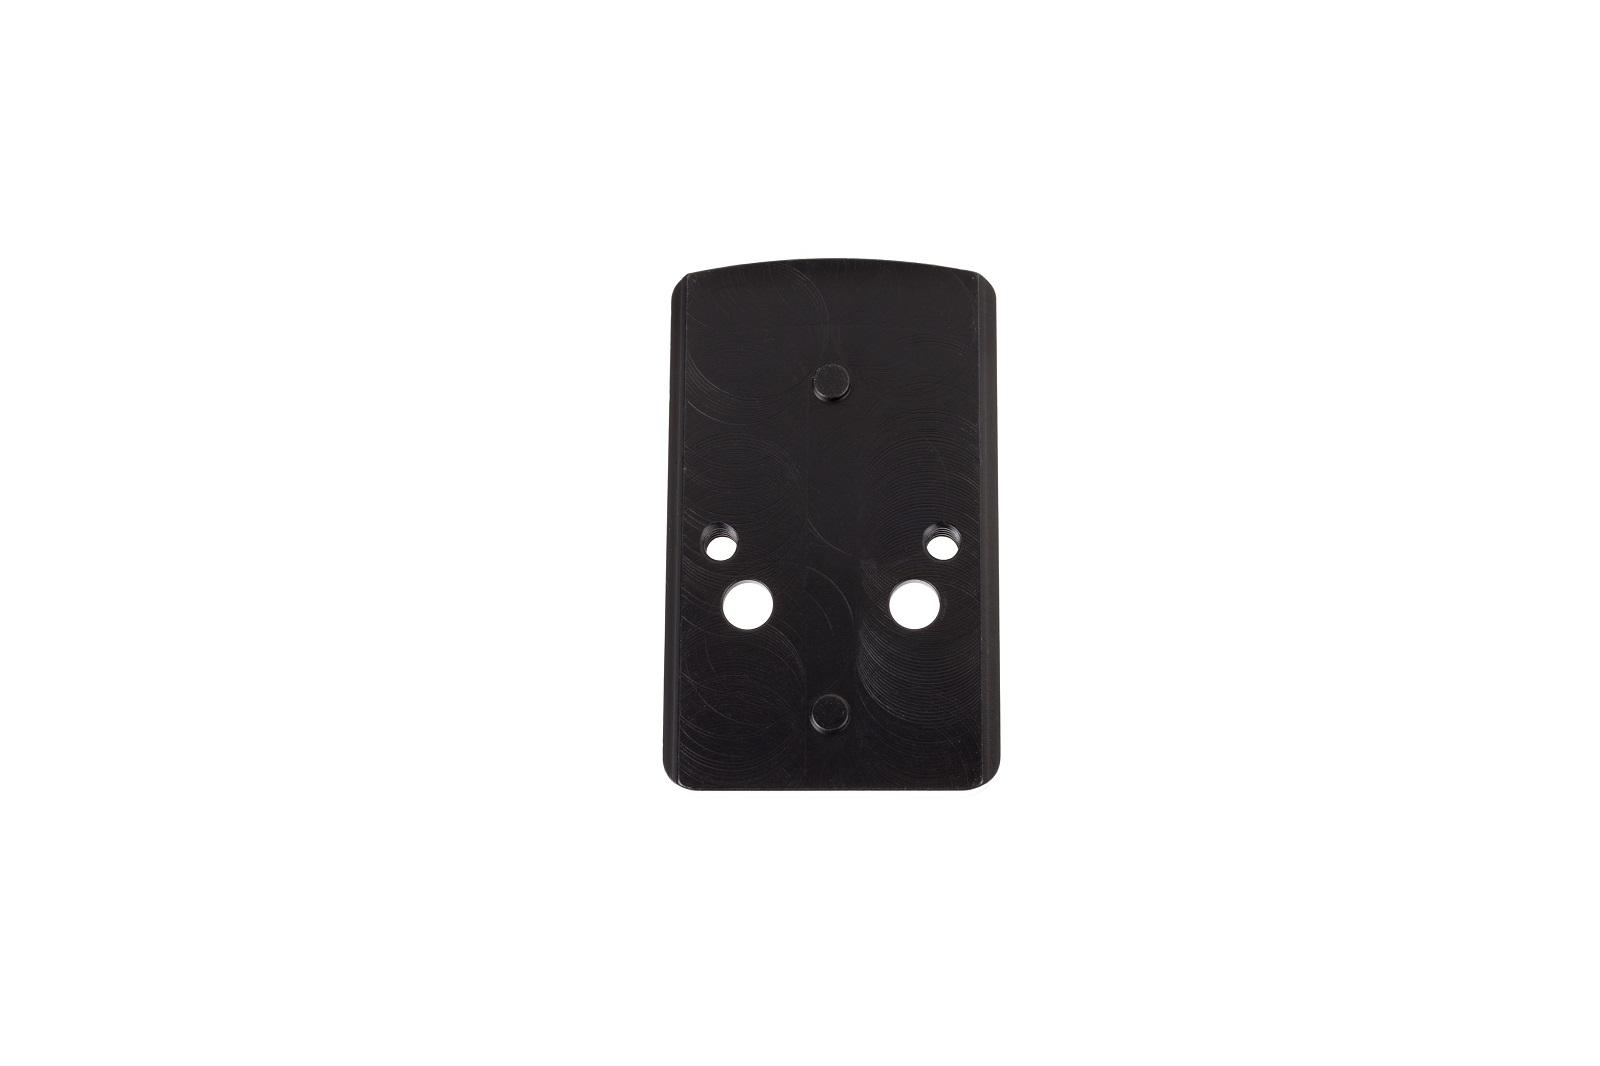 Trijicon RMR/SRO Adapter Plate for M17 Pistols Bild 3